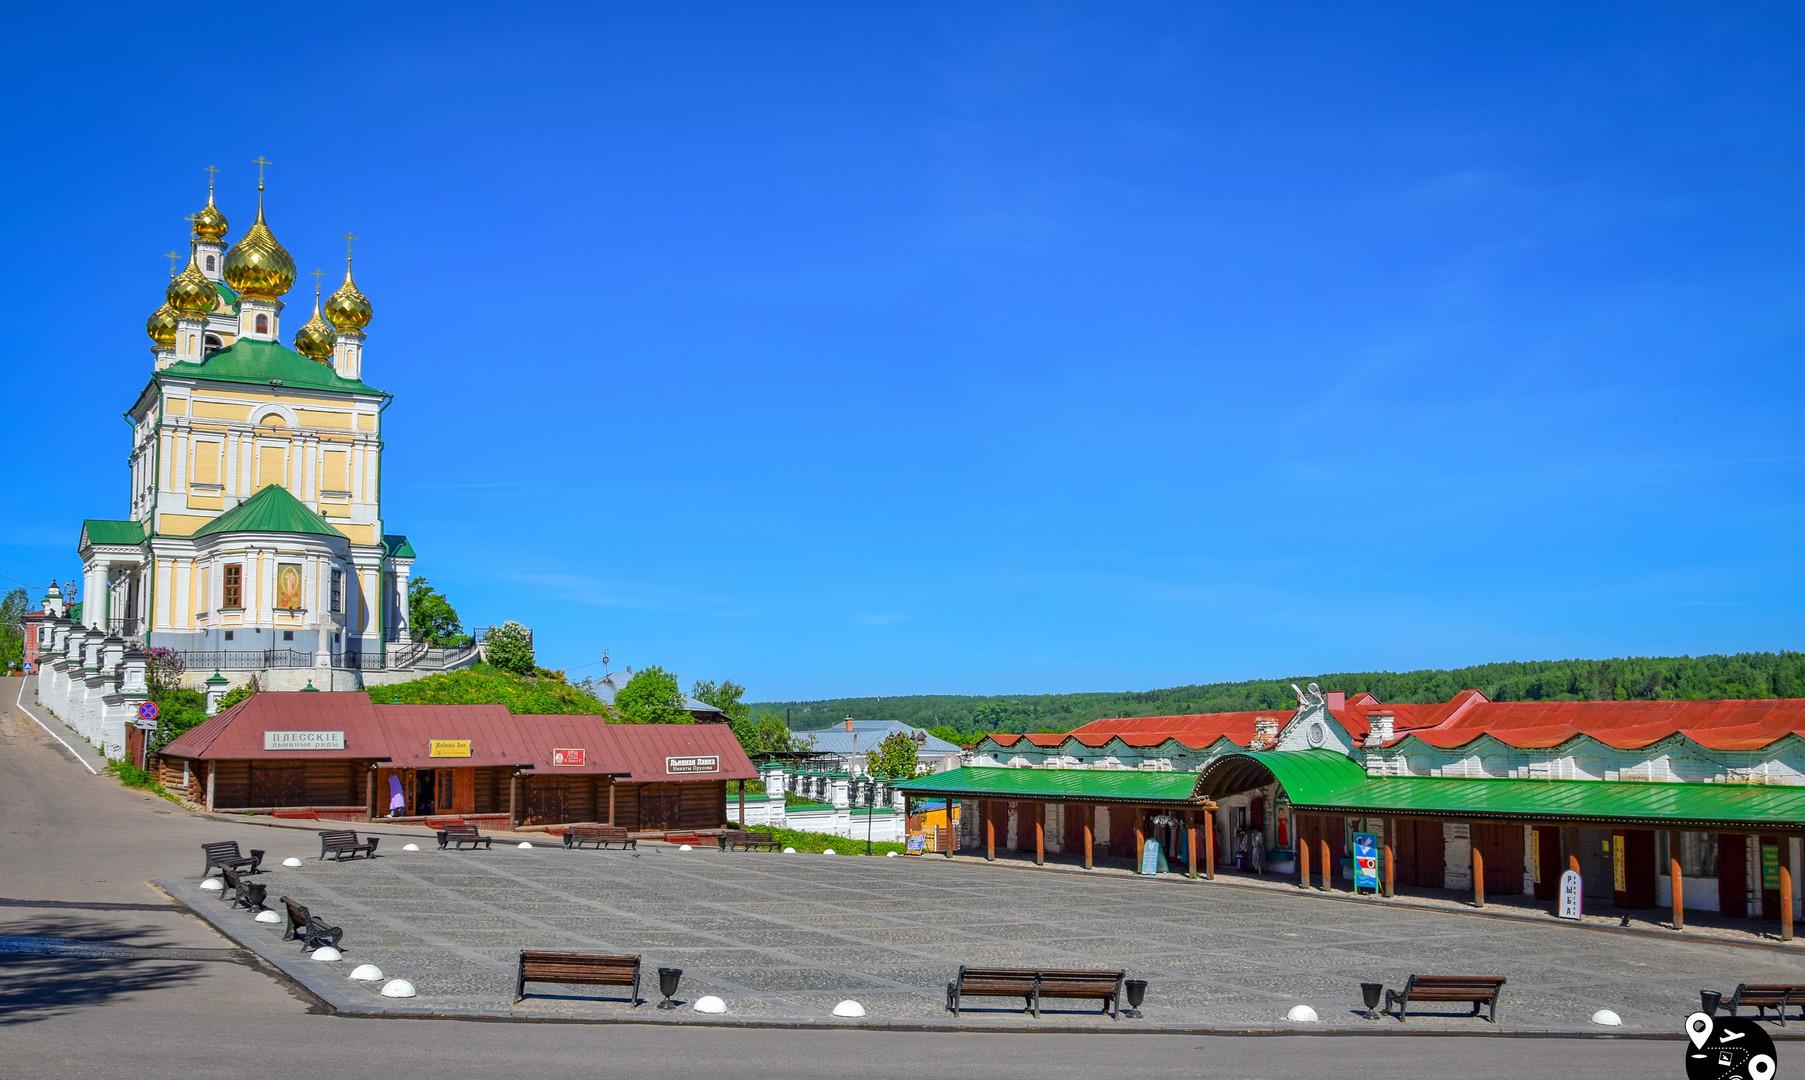 Торговая площадь, Плес